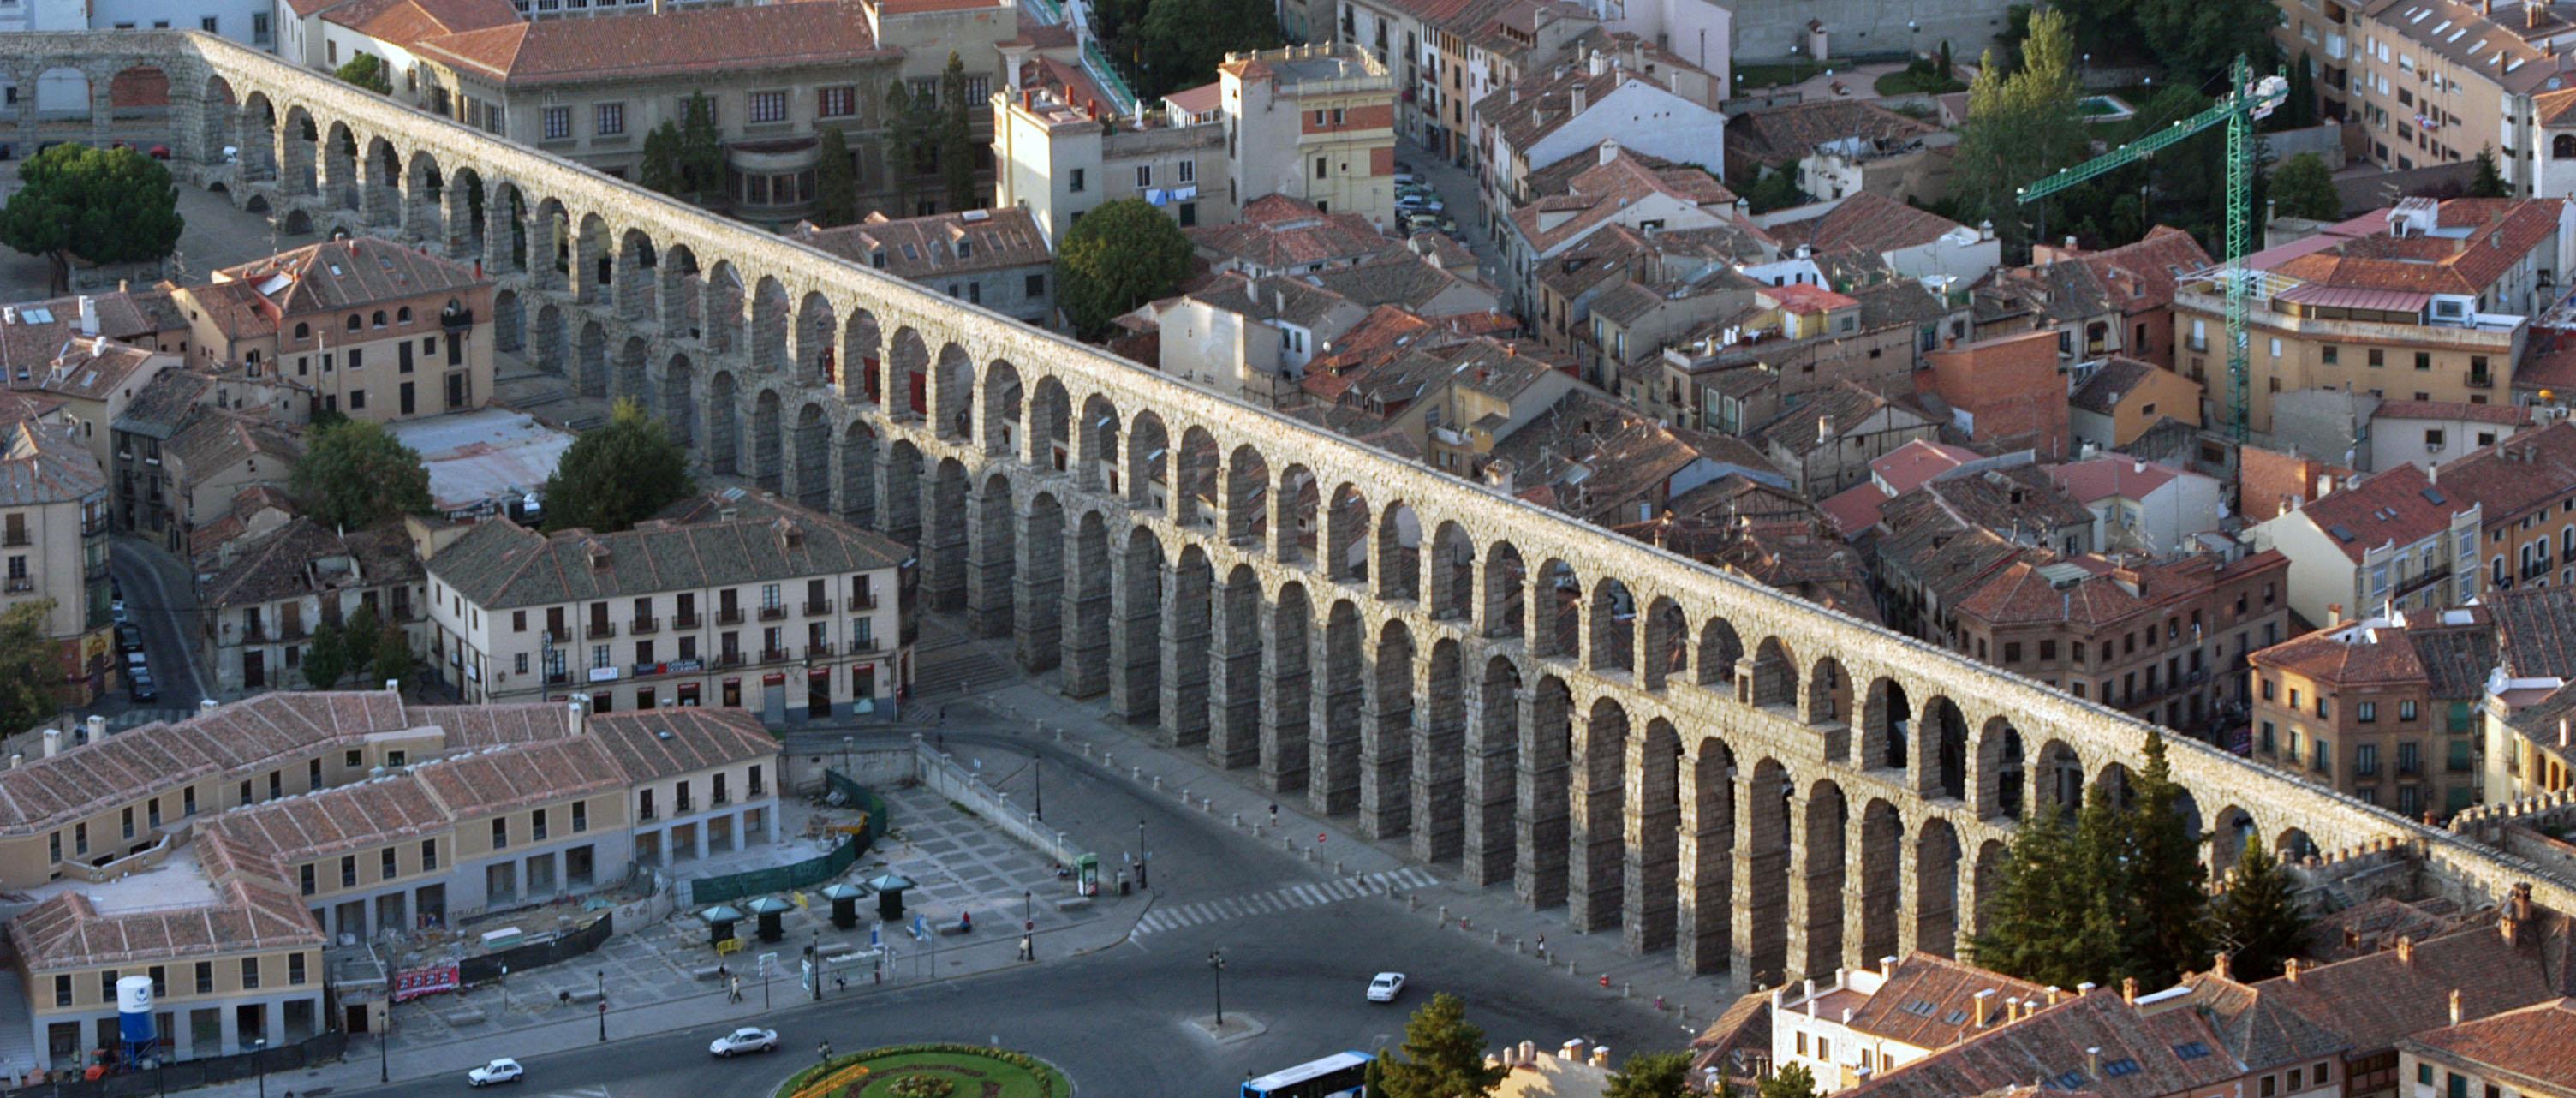 Carlos fernandez casado s l oficina de proyectos for Segovia oficina de turismo